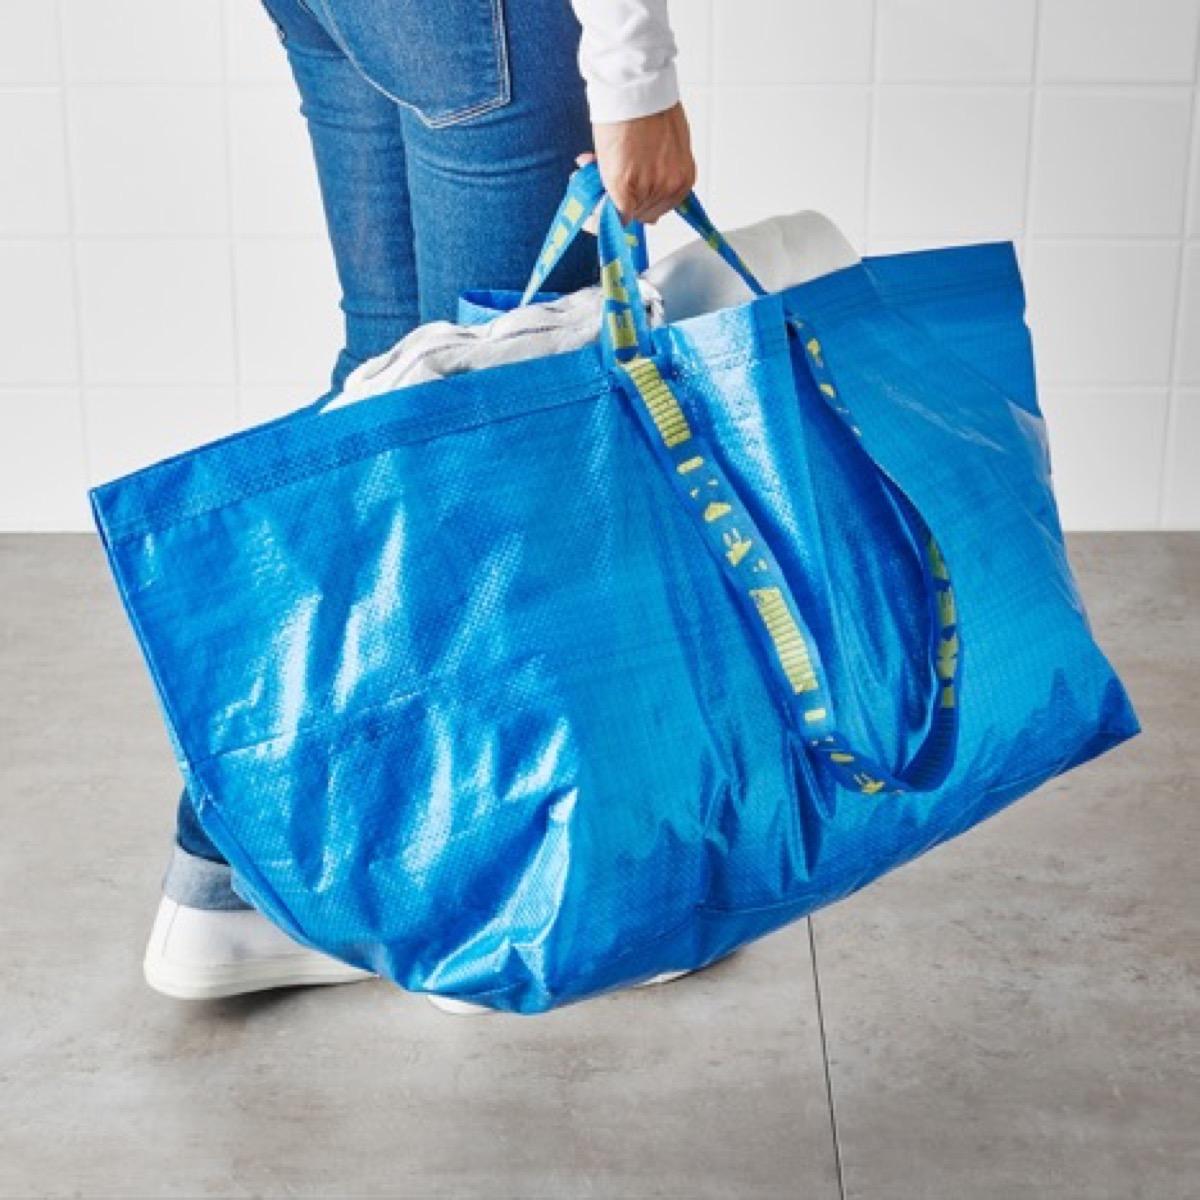 Ikea bag blue